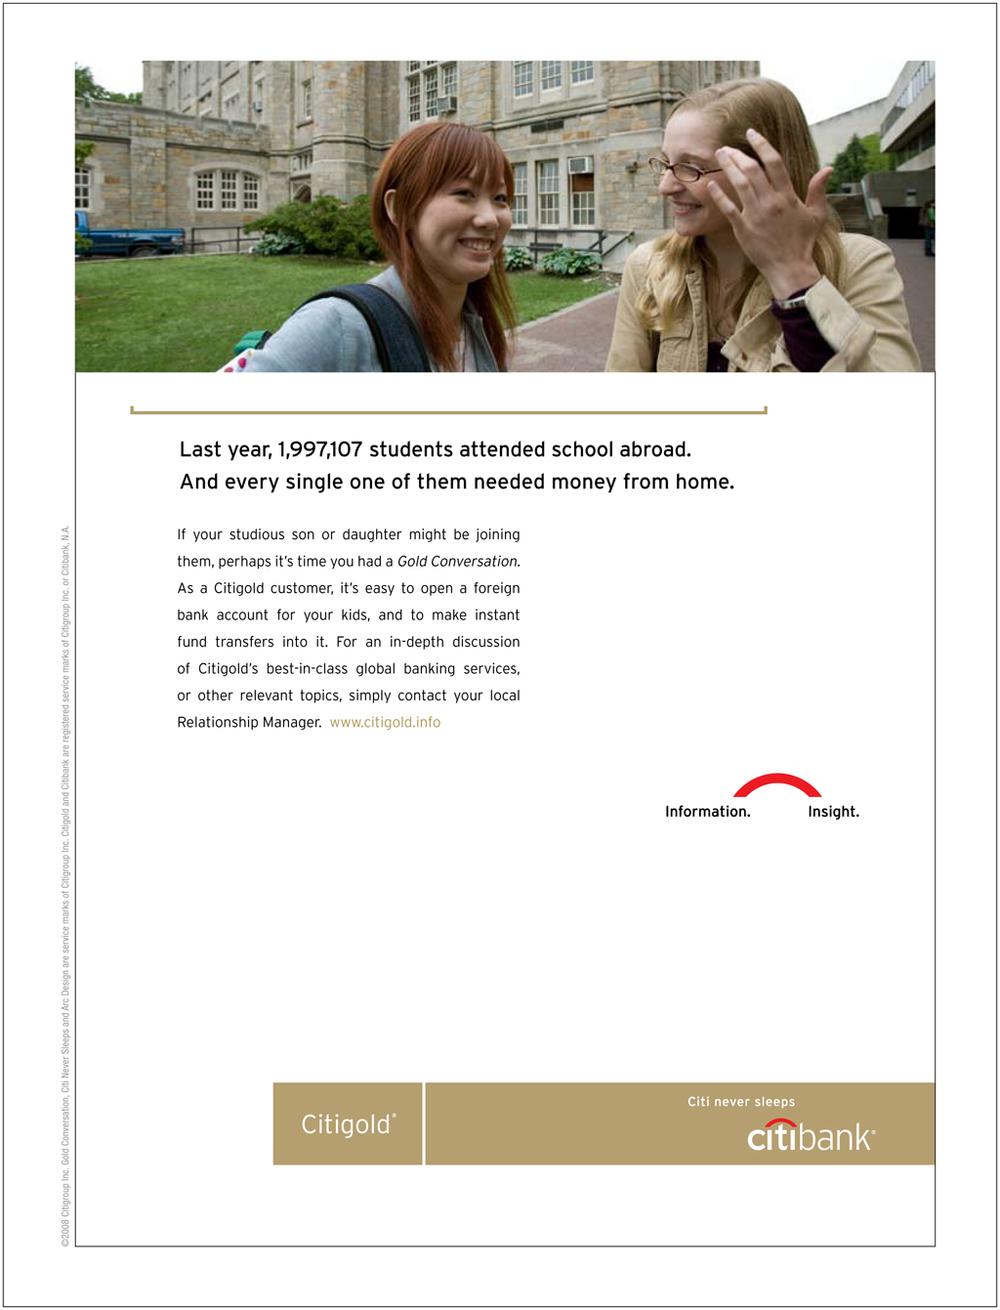 CommercialTearSheets_007.jpg